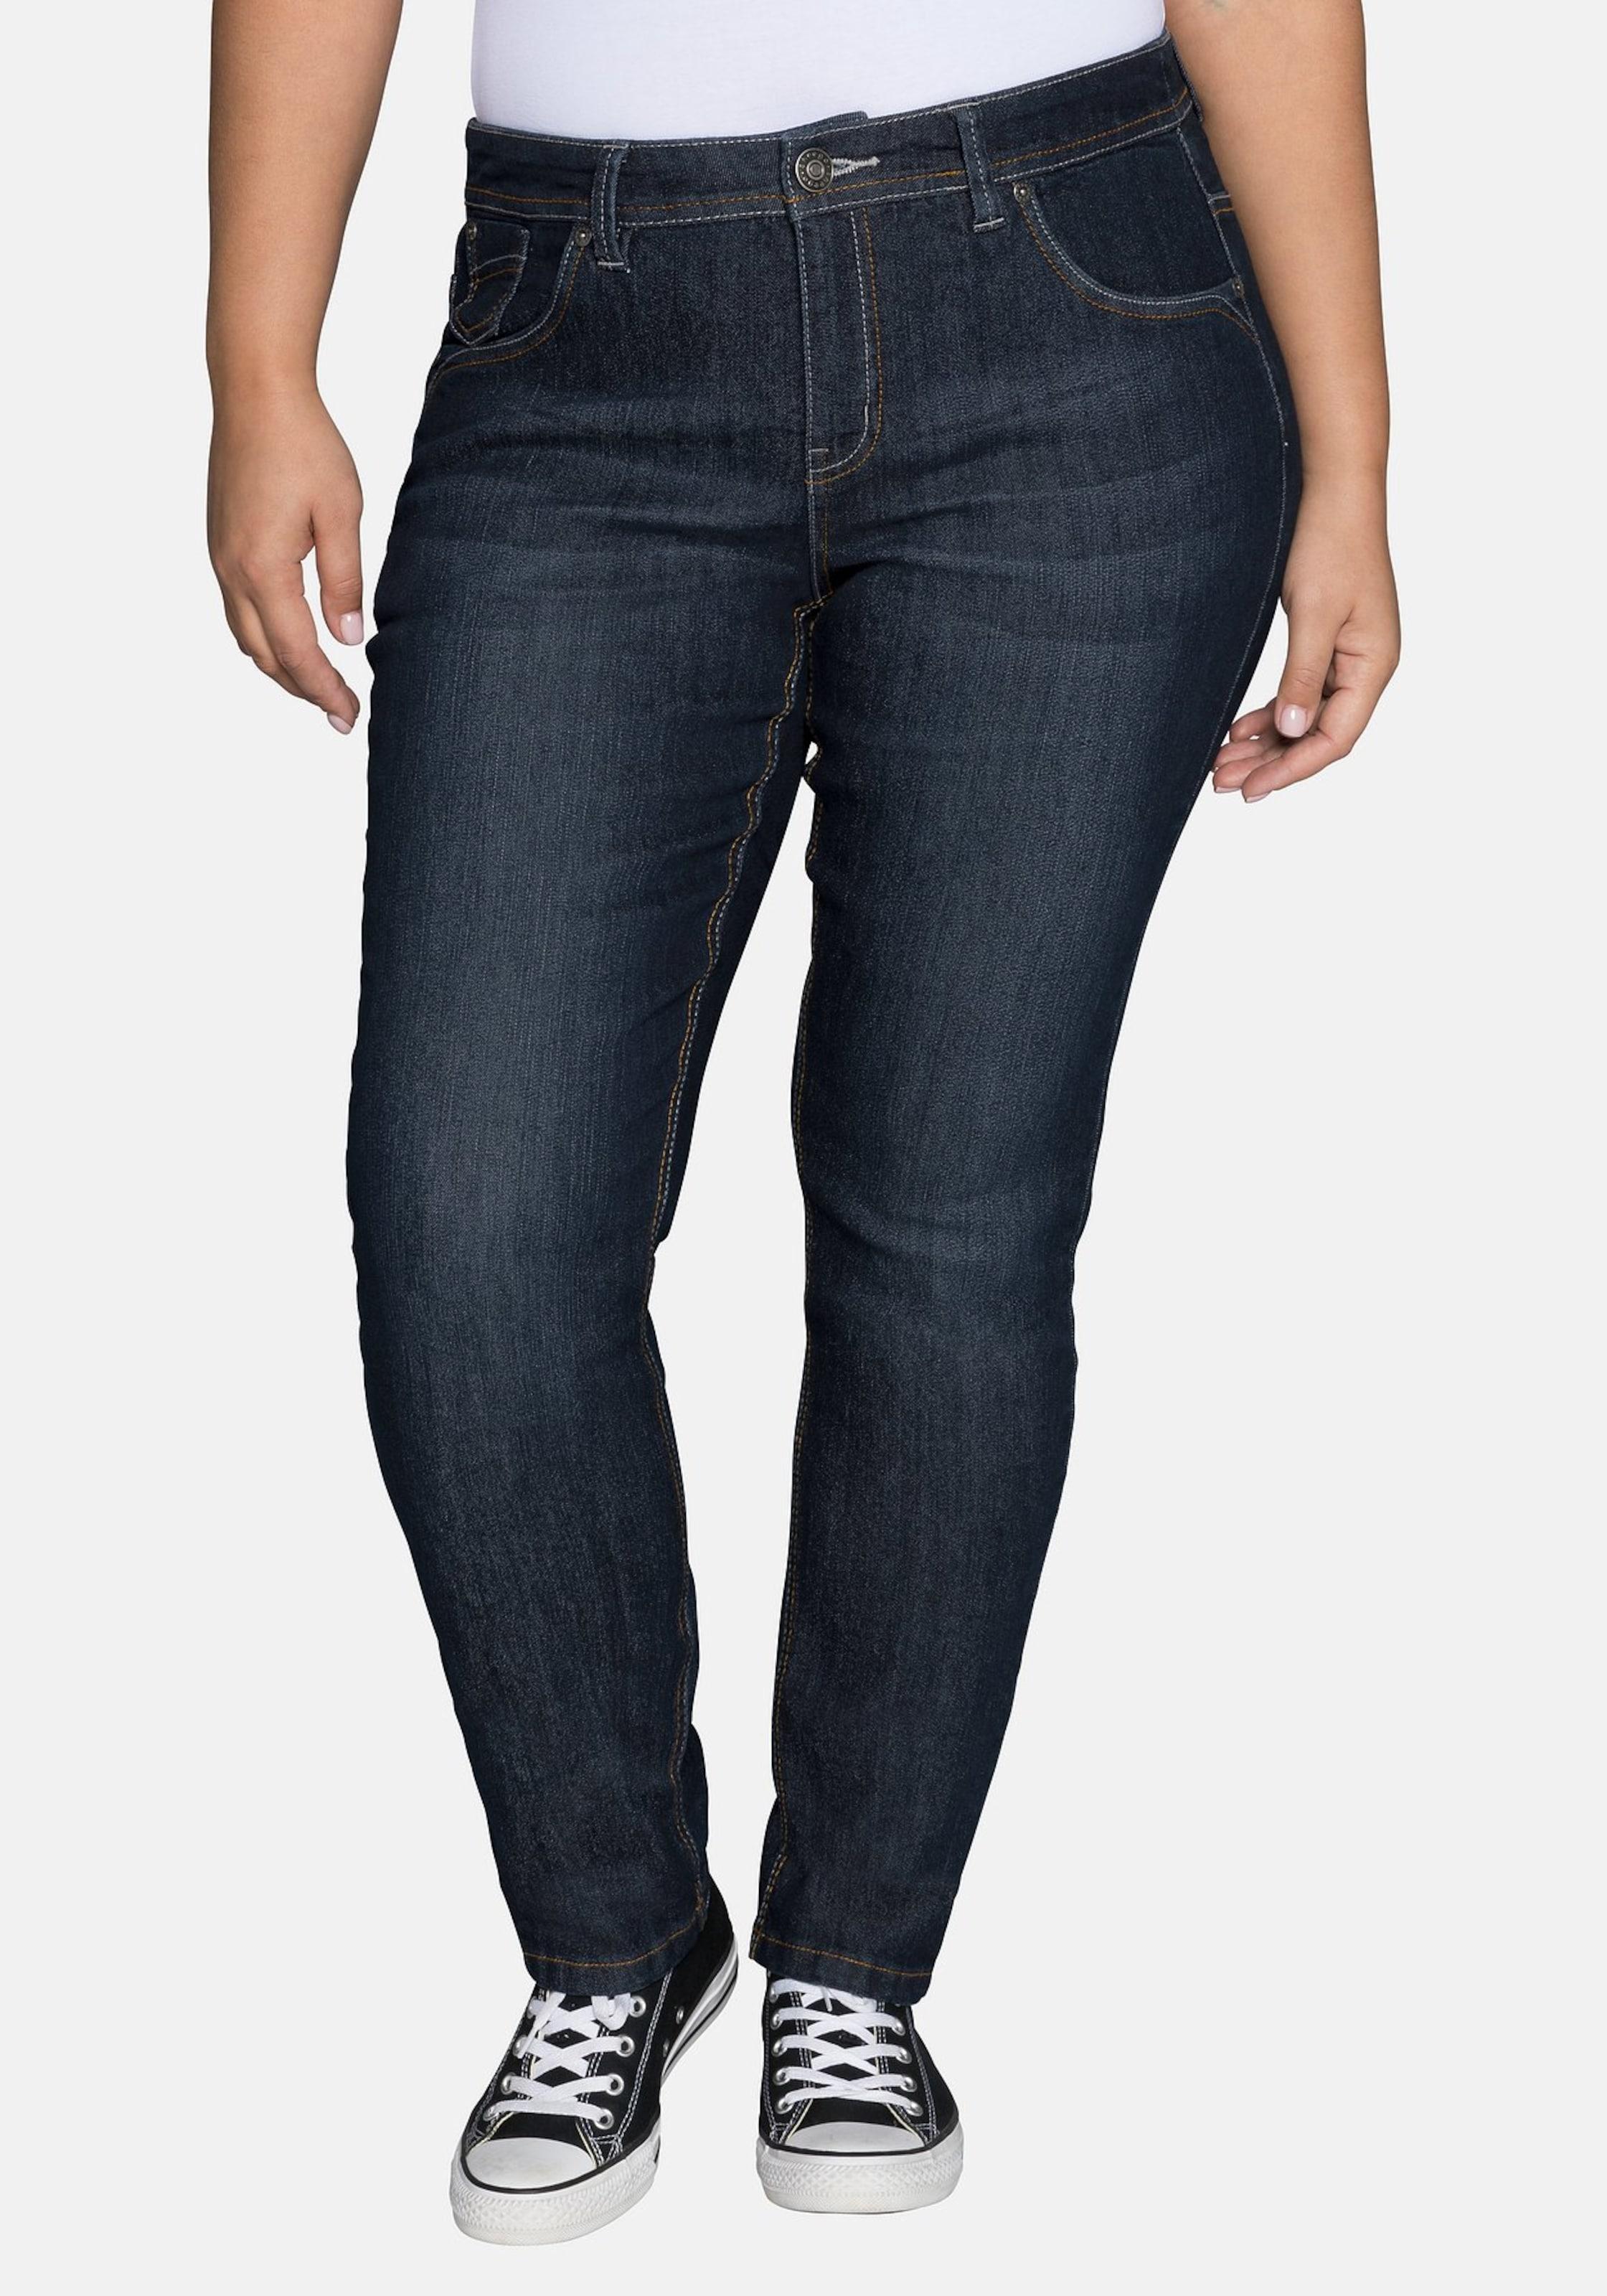 Sheego Sheego Jeans Jeans Sheego Dunkelblau In In Jeans Dunkelblau H9IWED2